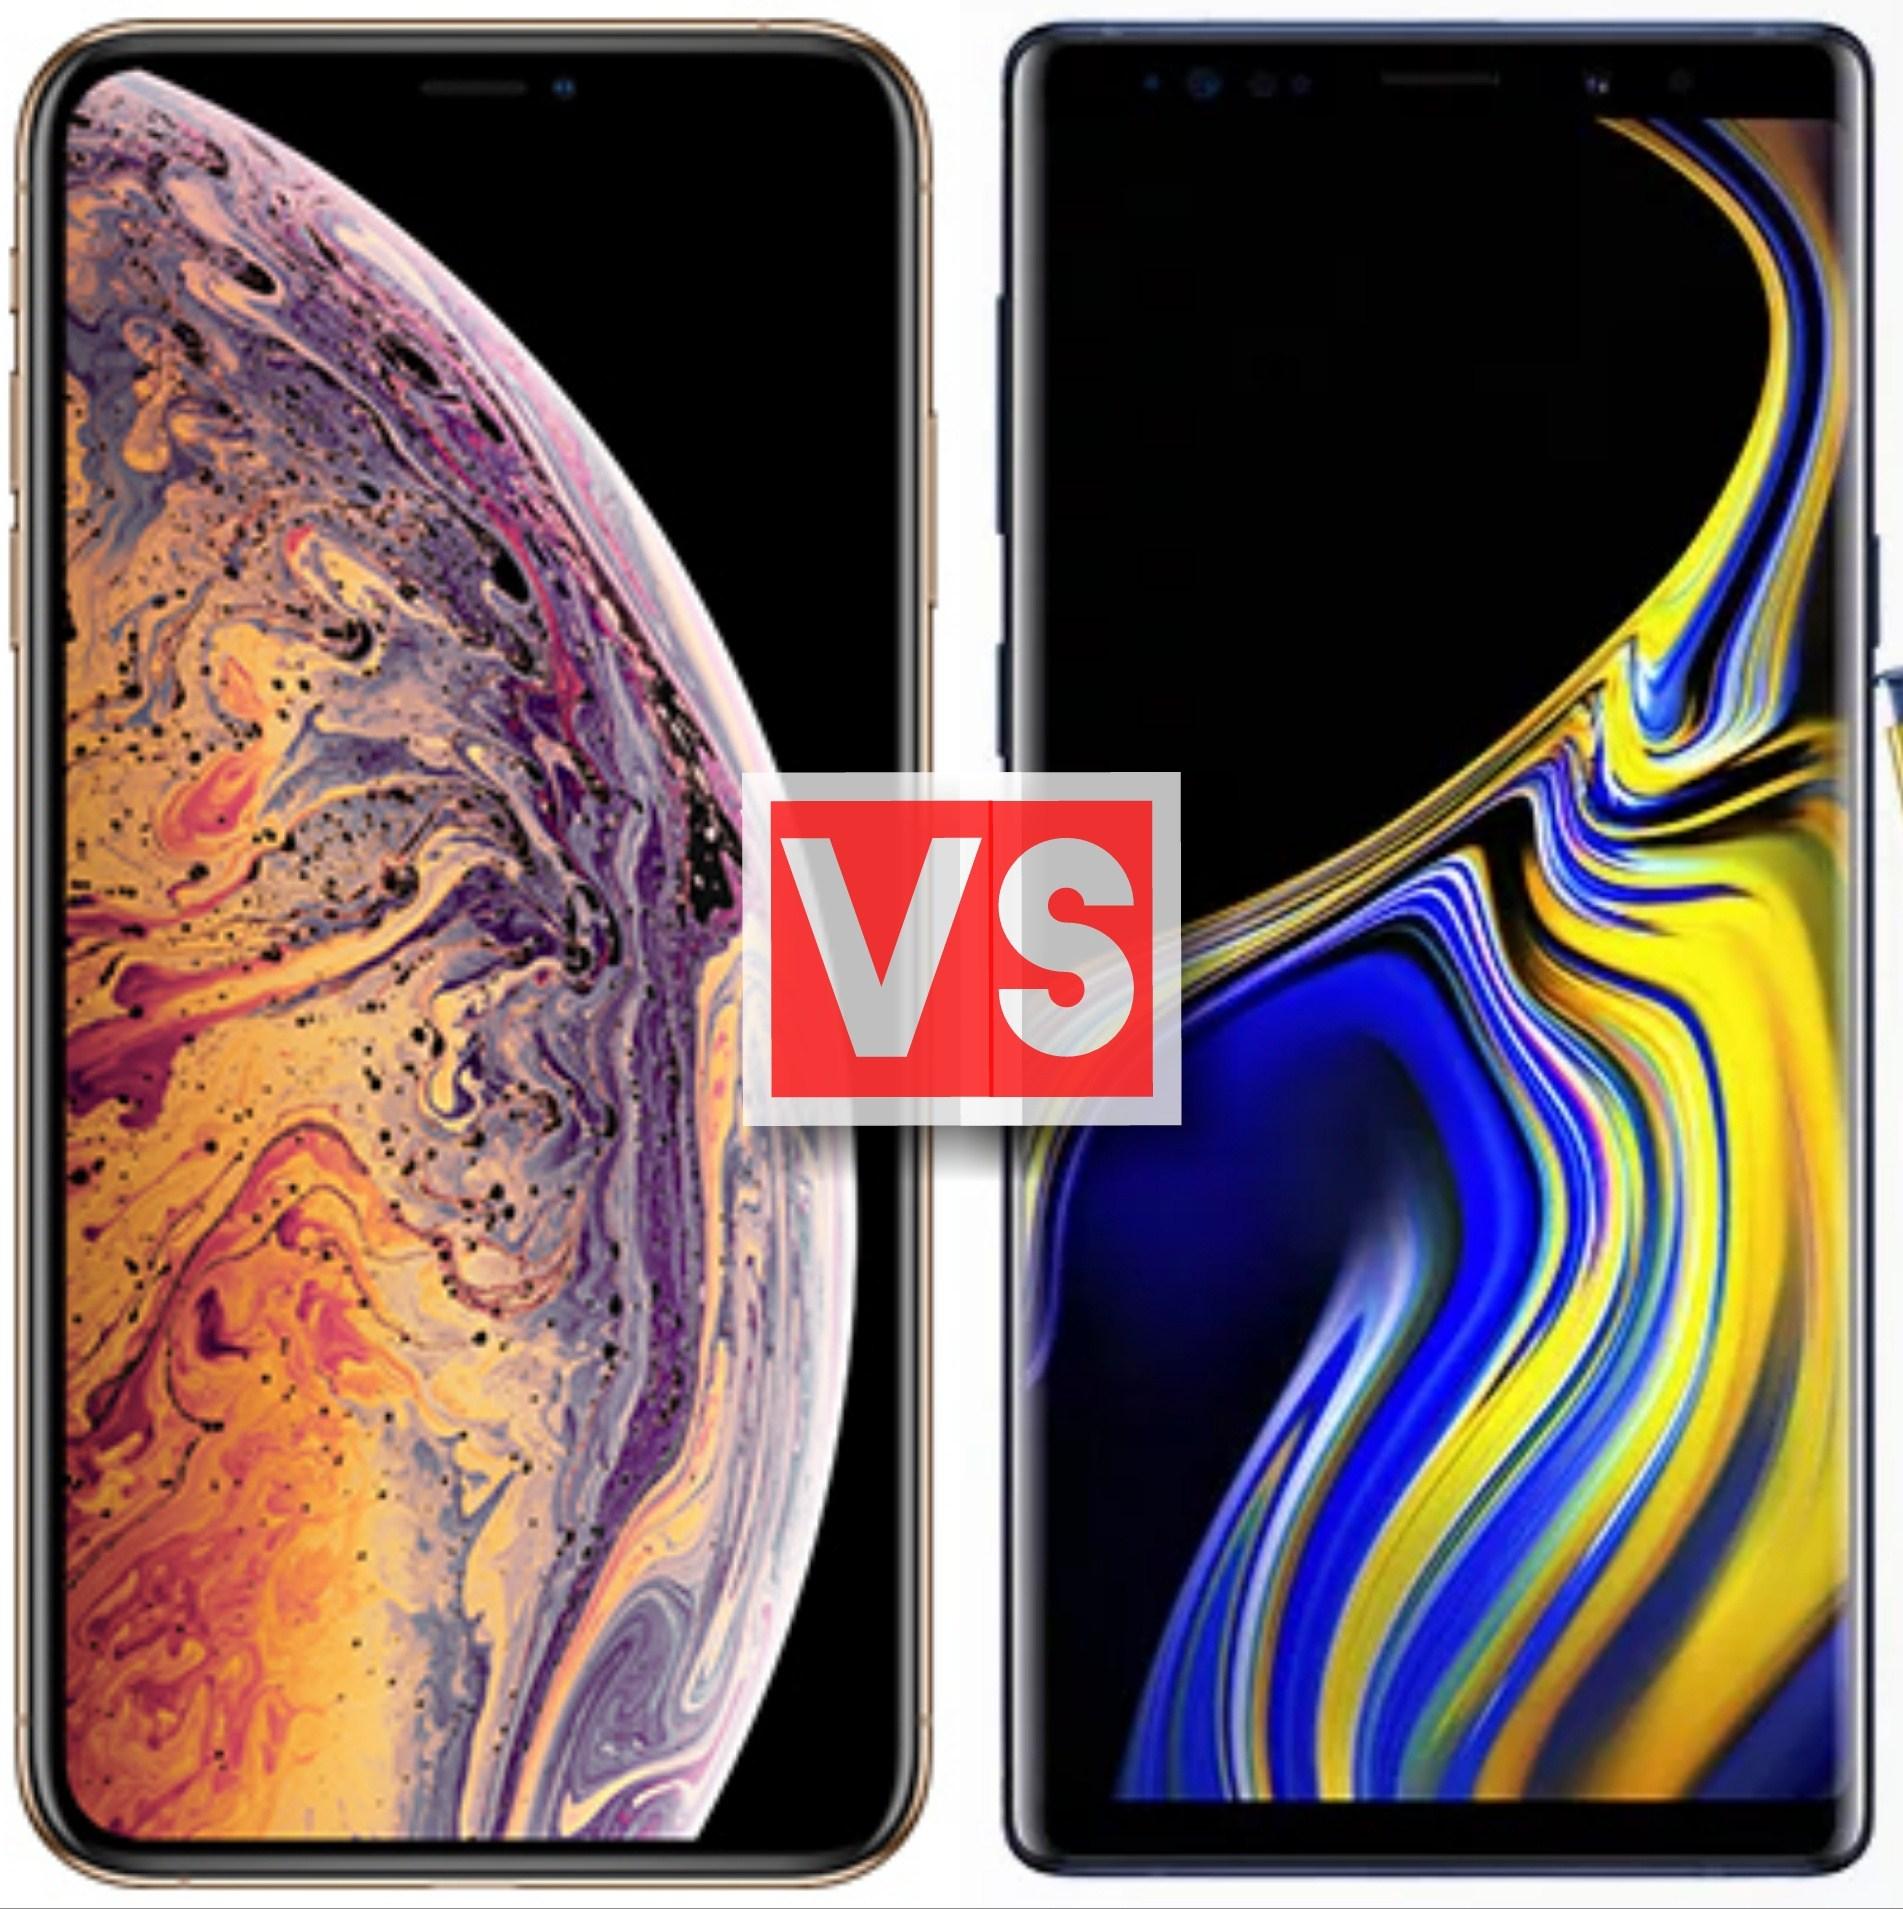 iPhone XS vs Galaxy Note 9 kamera karşılaştırması